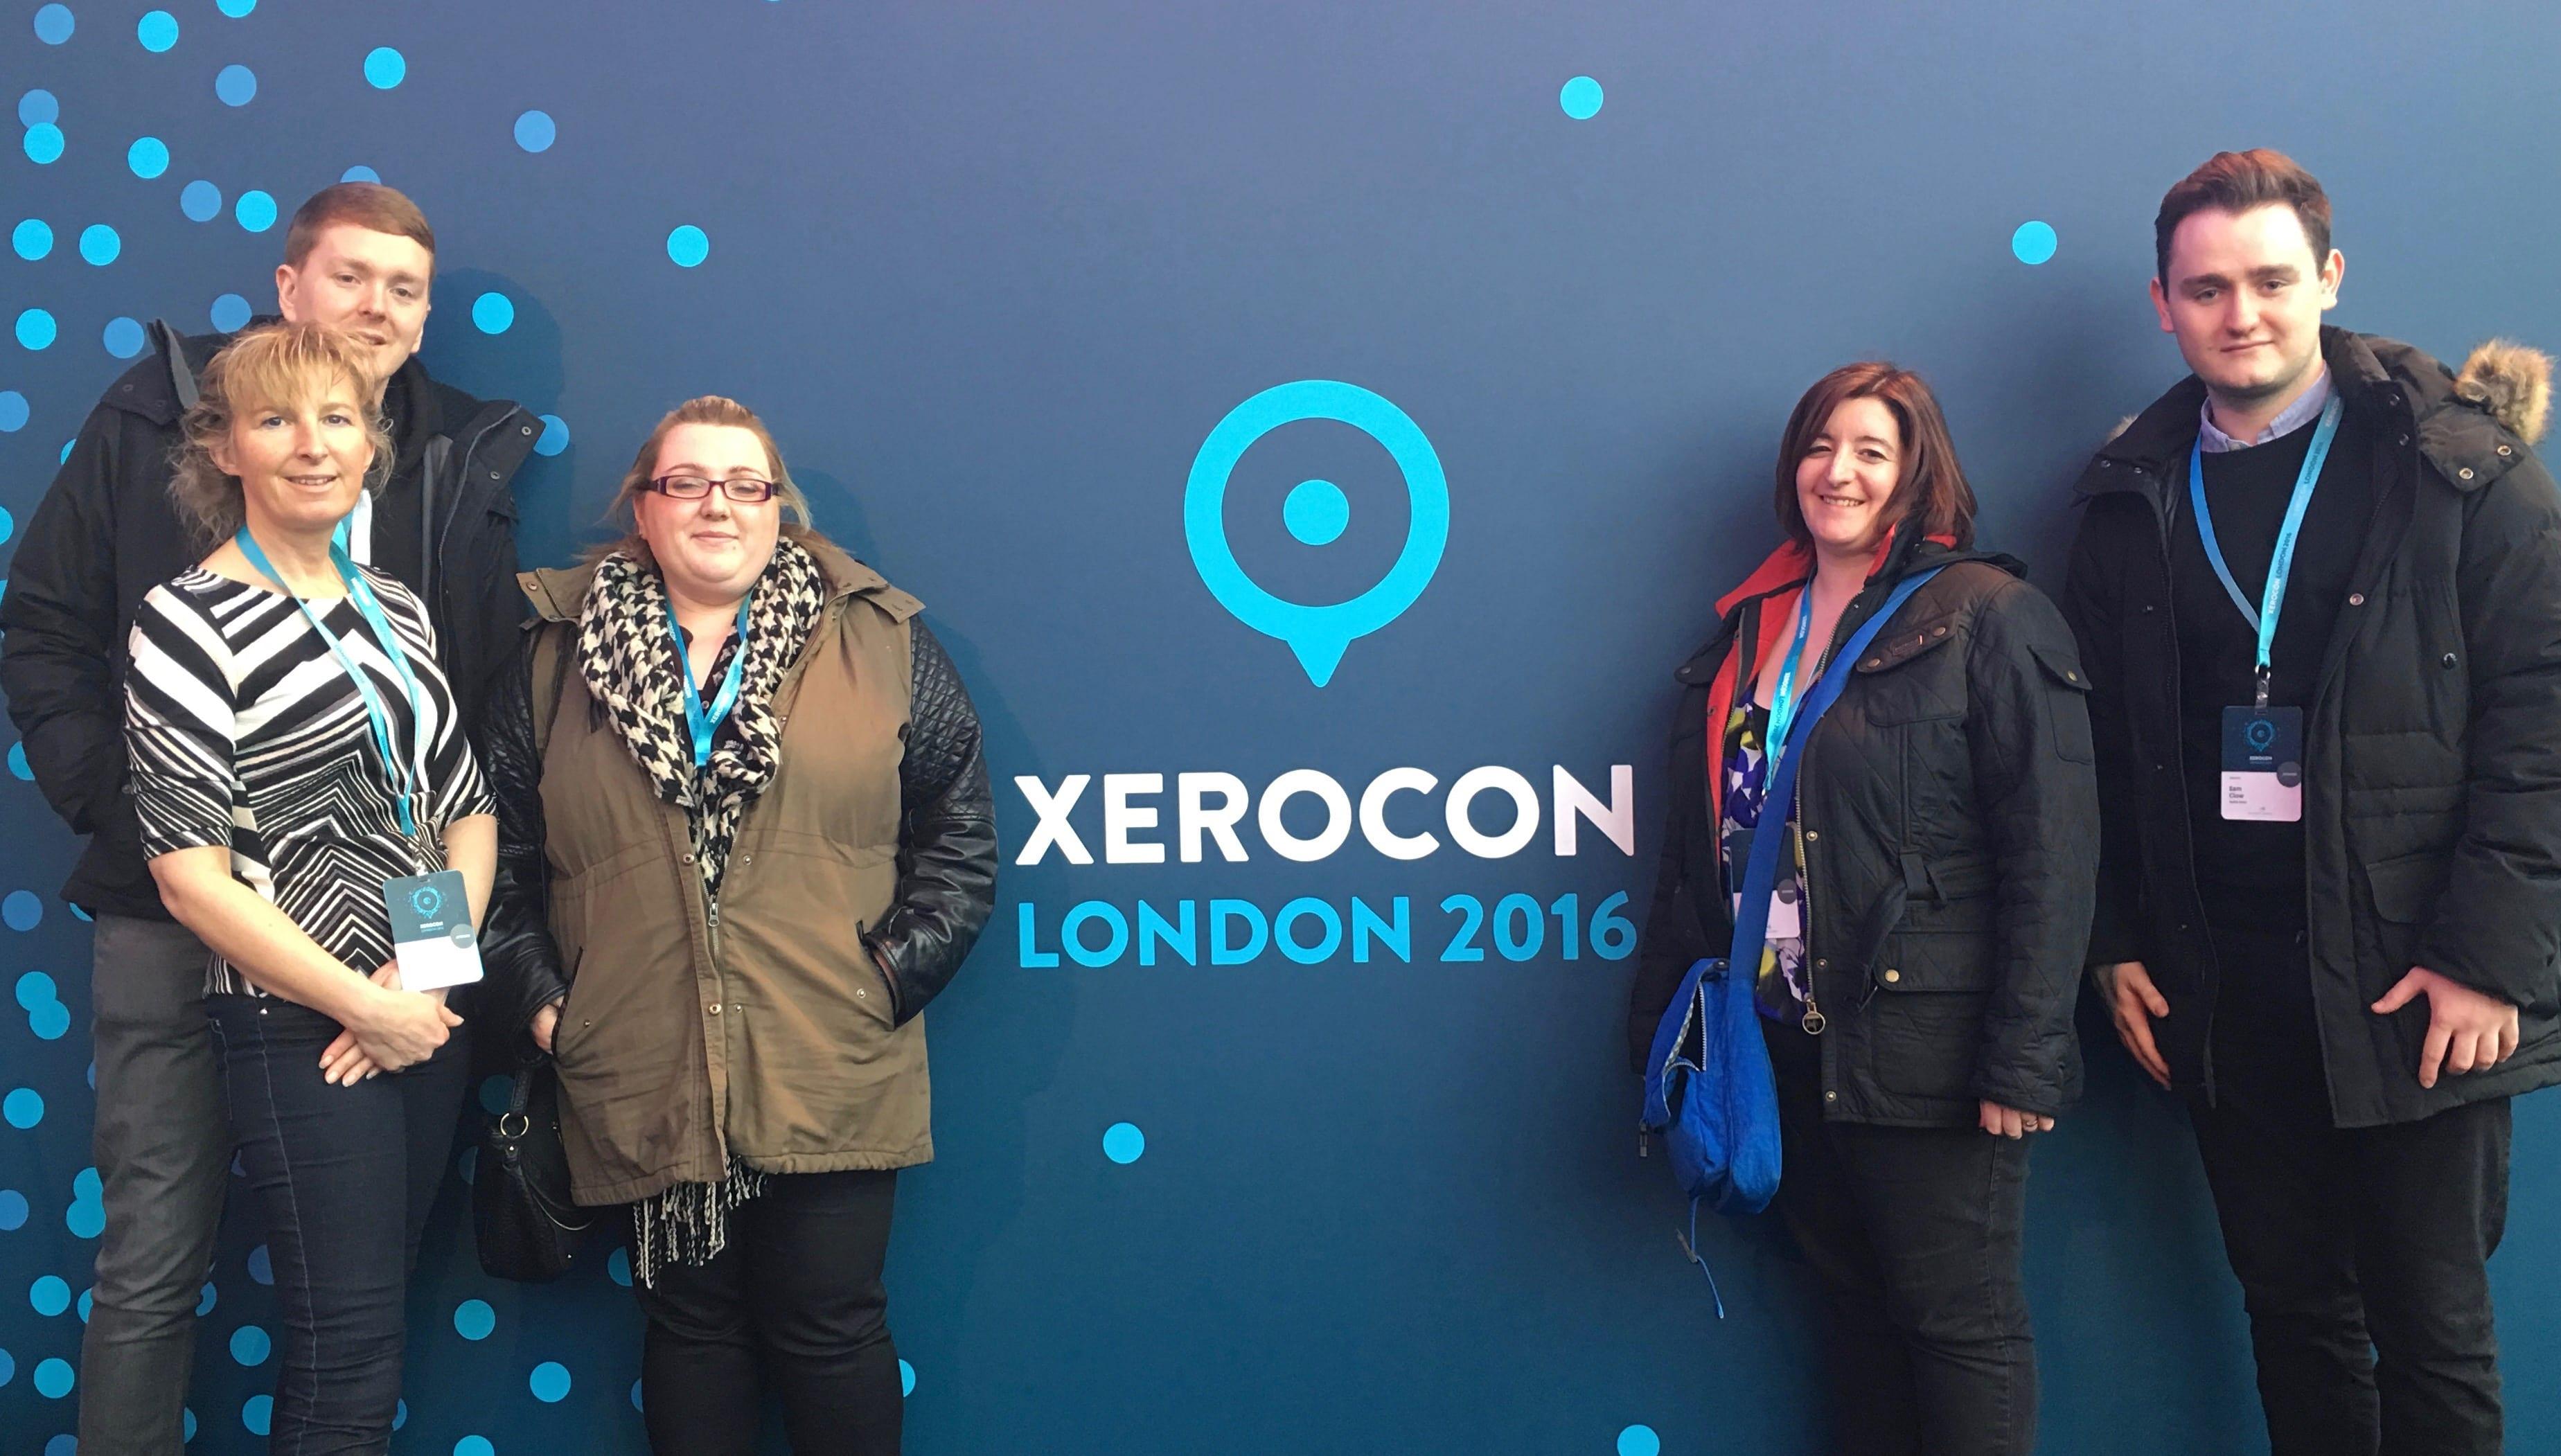 Xerocon 2016